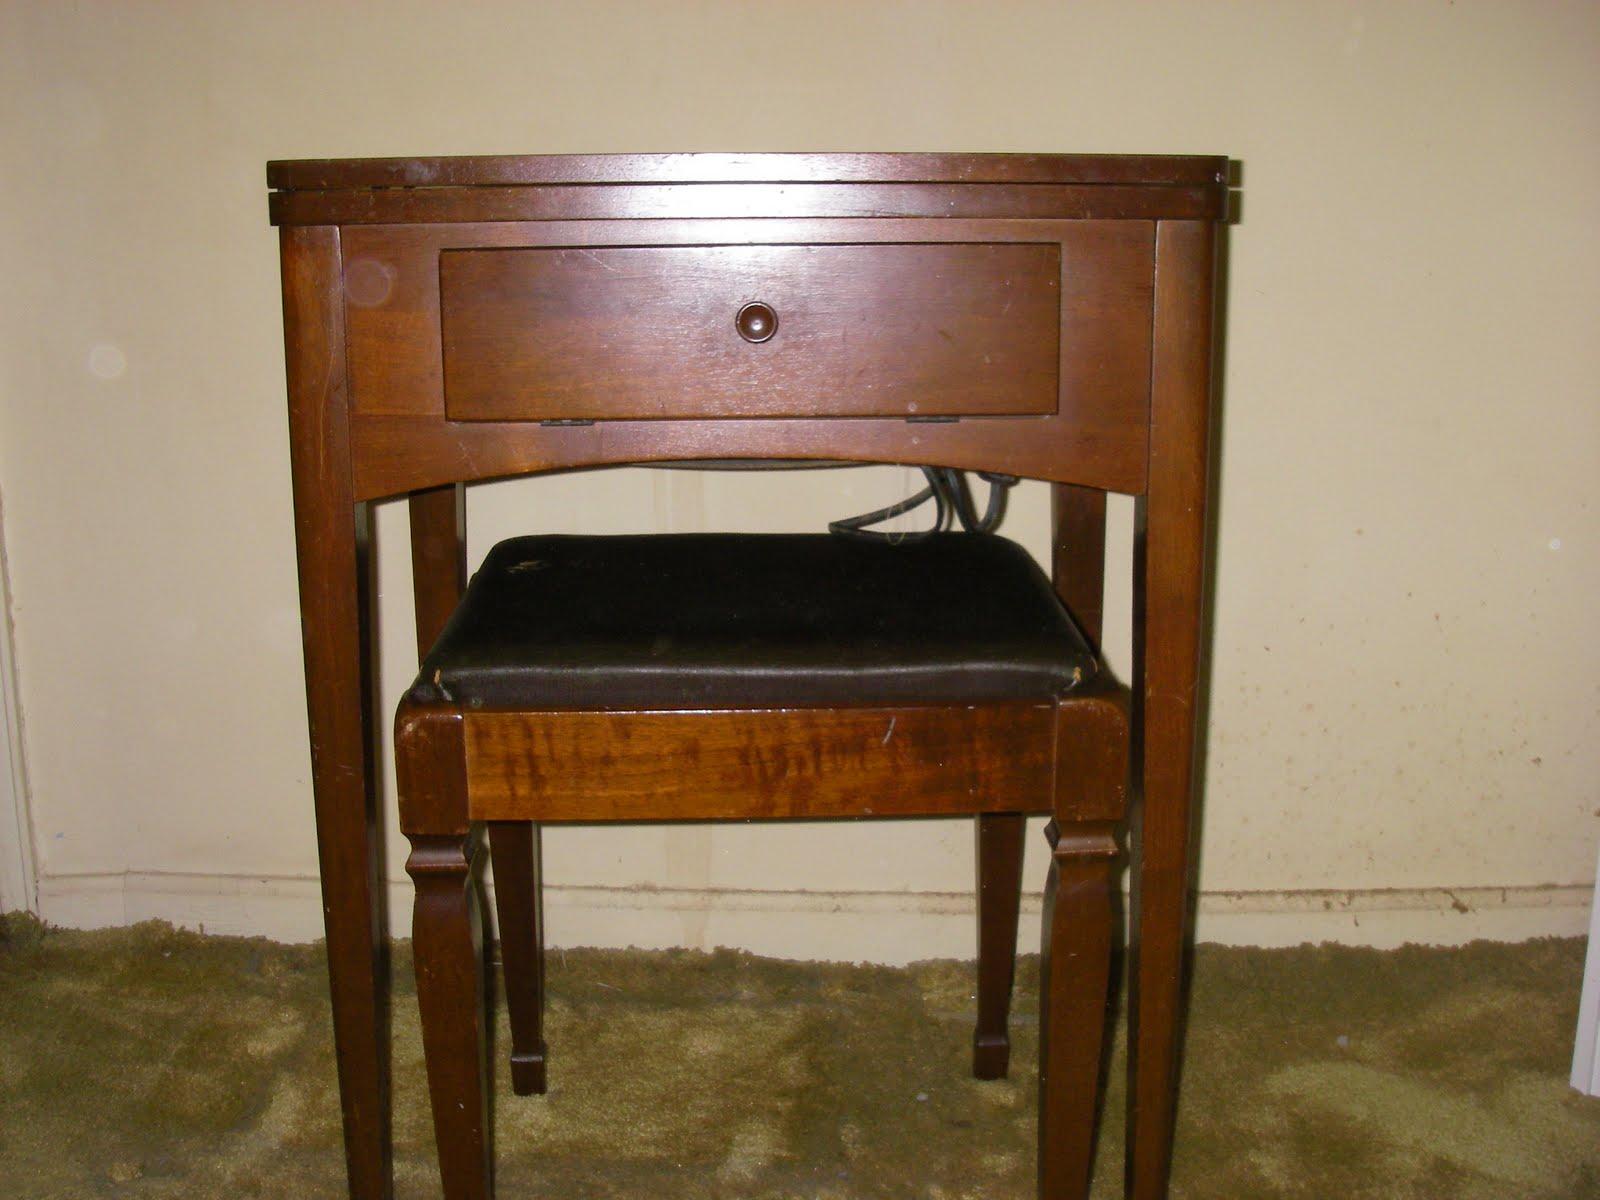 yard sale furniture estate sale singer sewing machine in cabinet. Black Bedroom Furniture Sets. Home Design Ideas